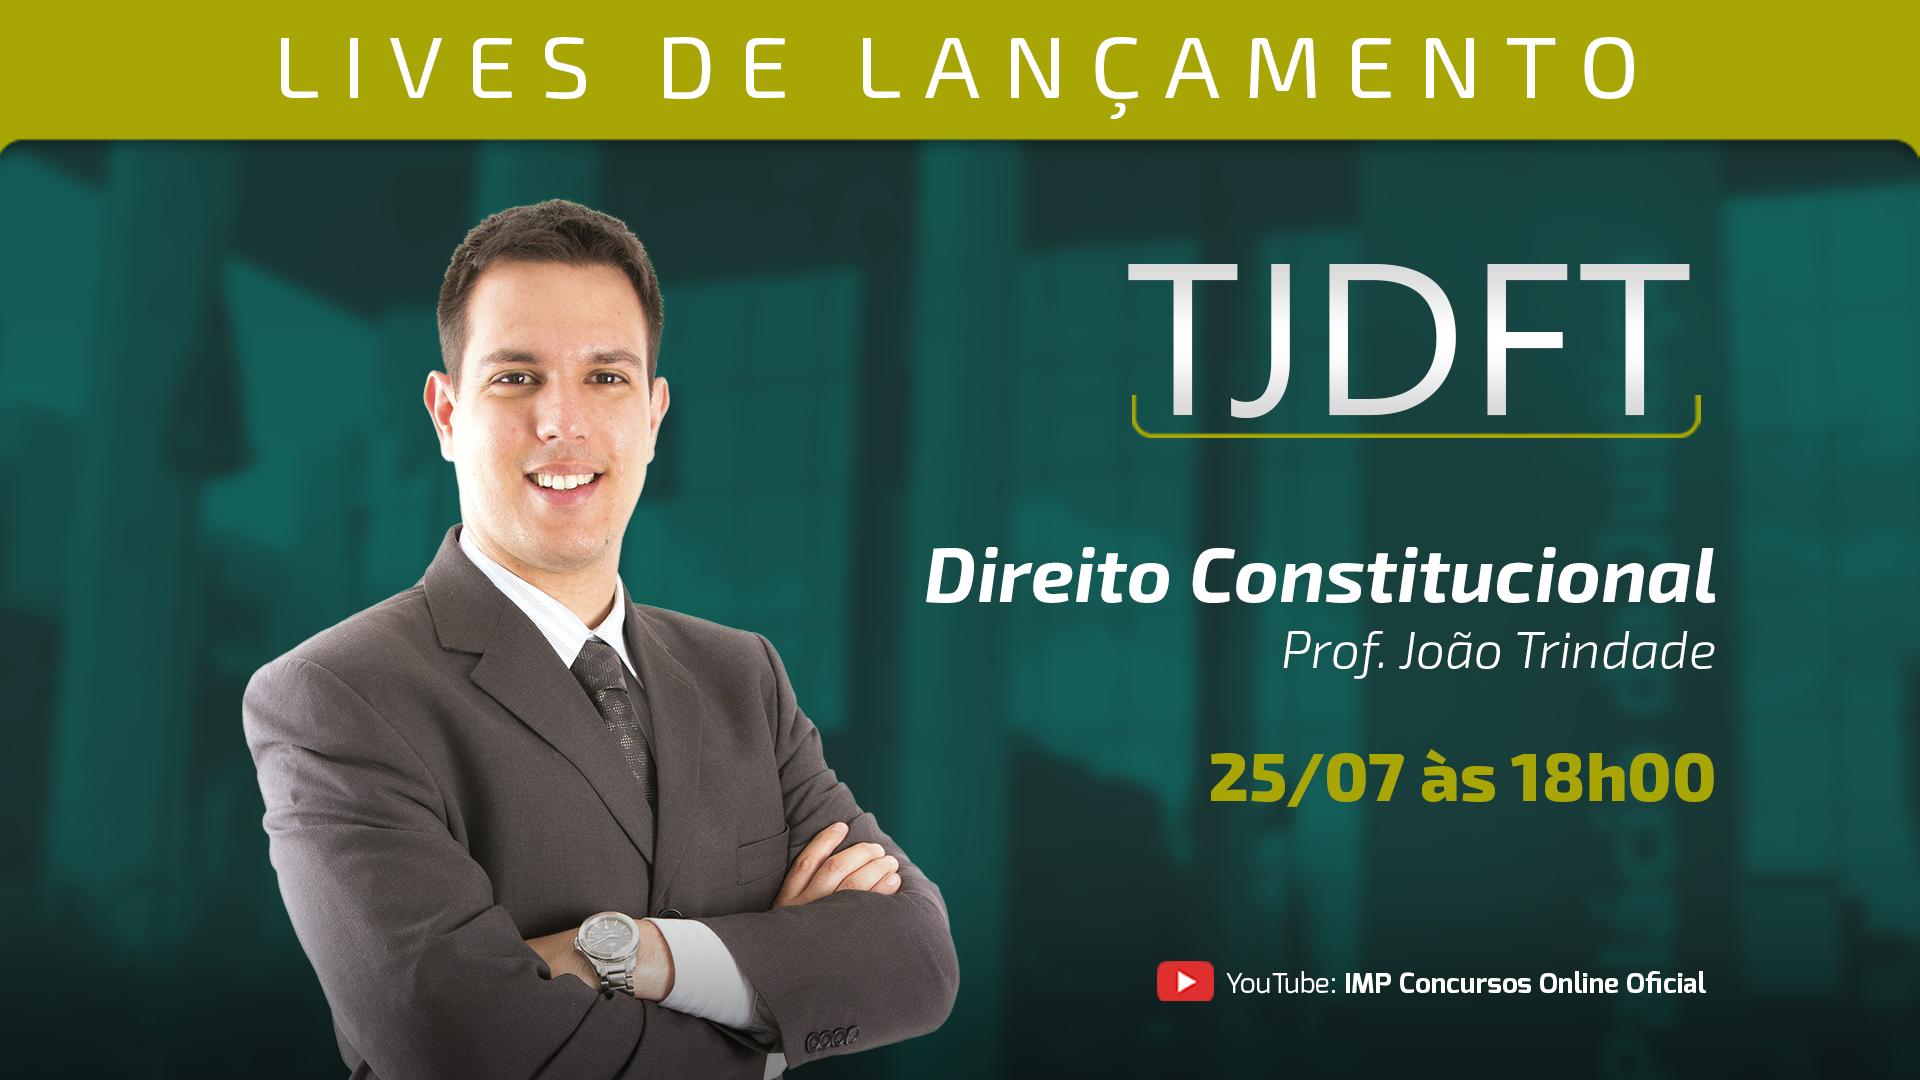 LIVE TJDFT - Direito Constitucional para o TJDFT